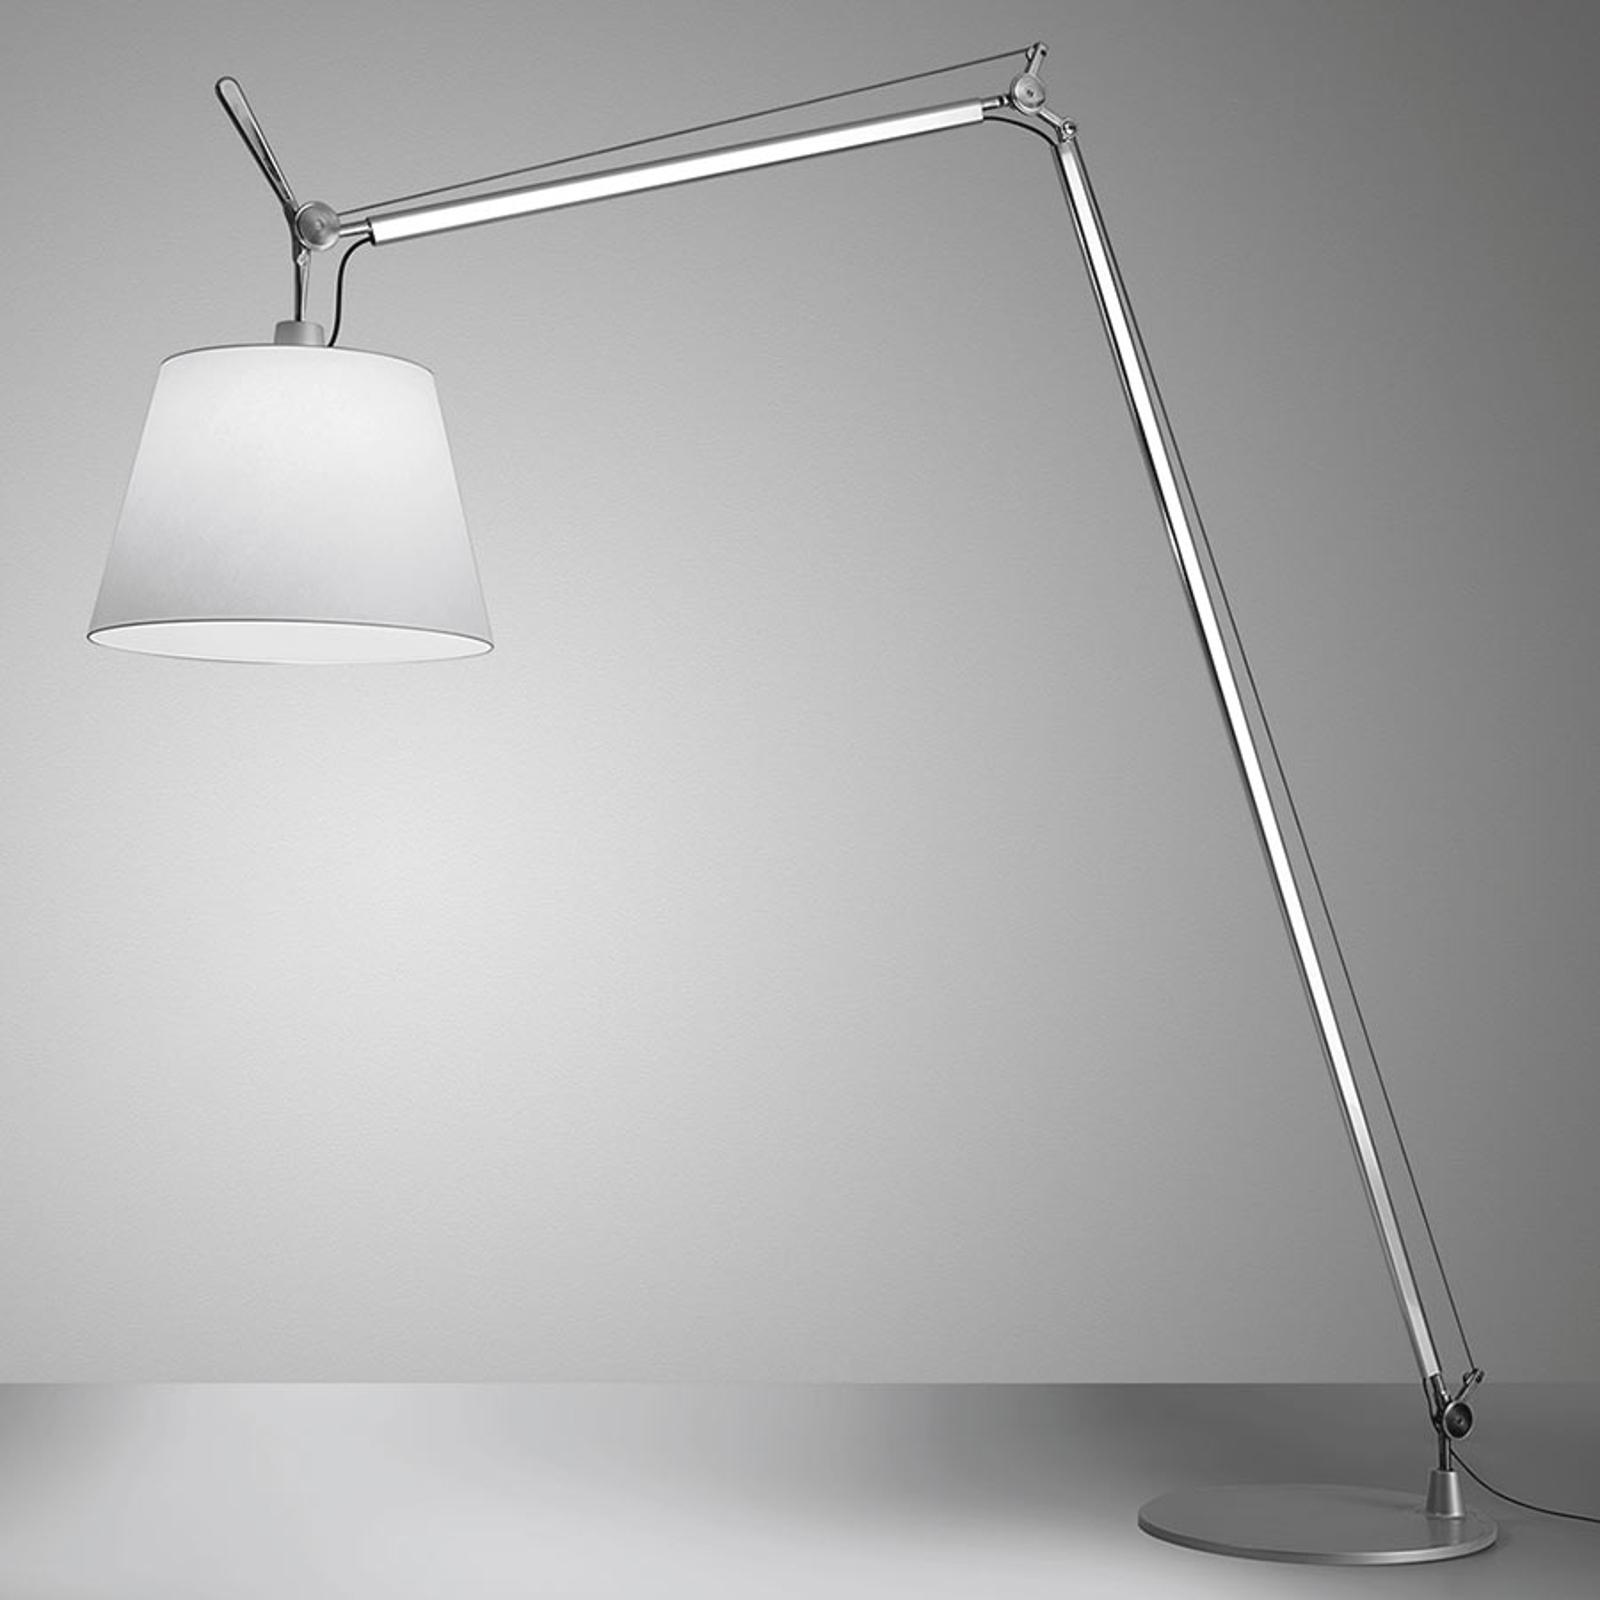 Artemide Tolomeo Maxi lampadaire LED